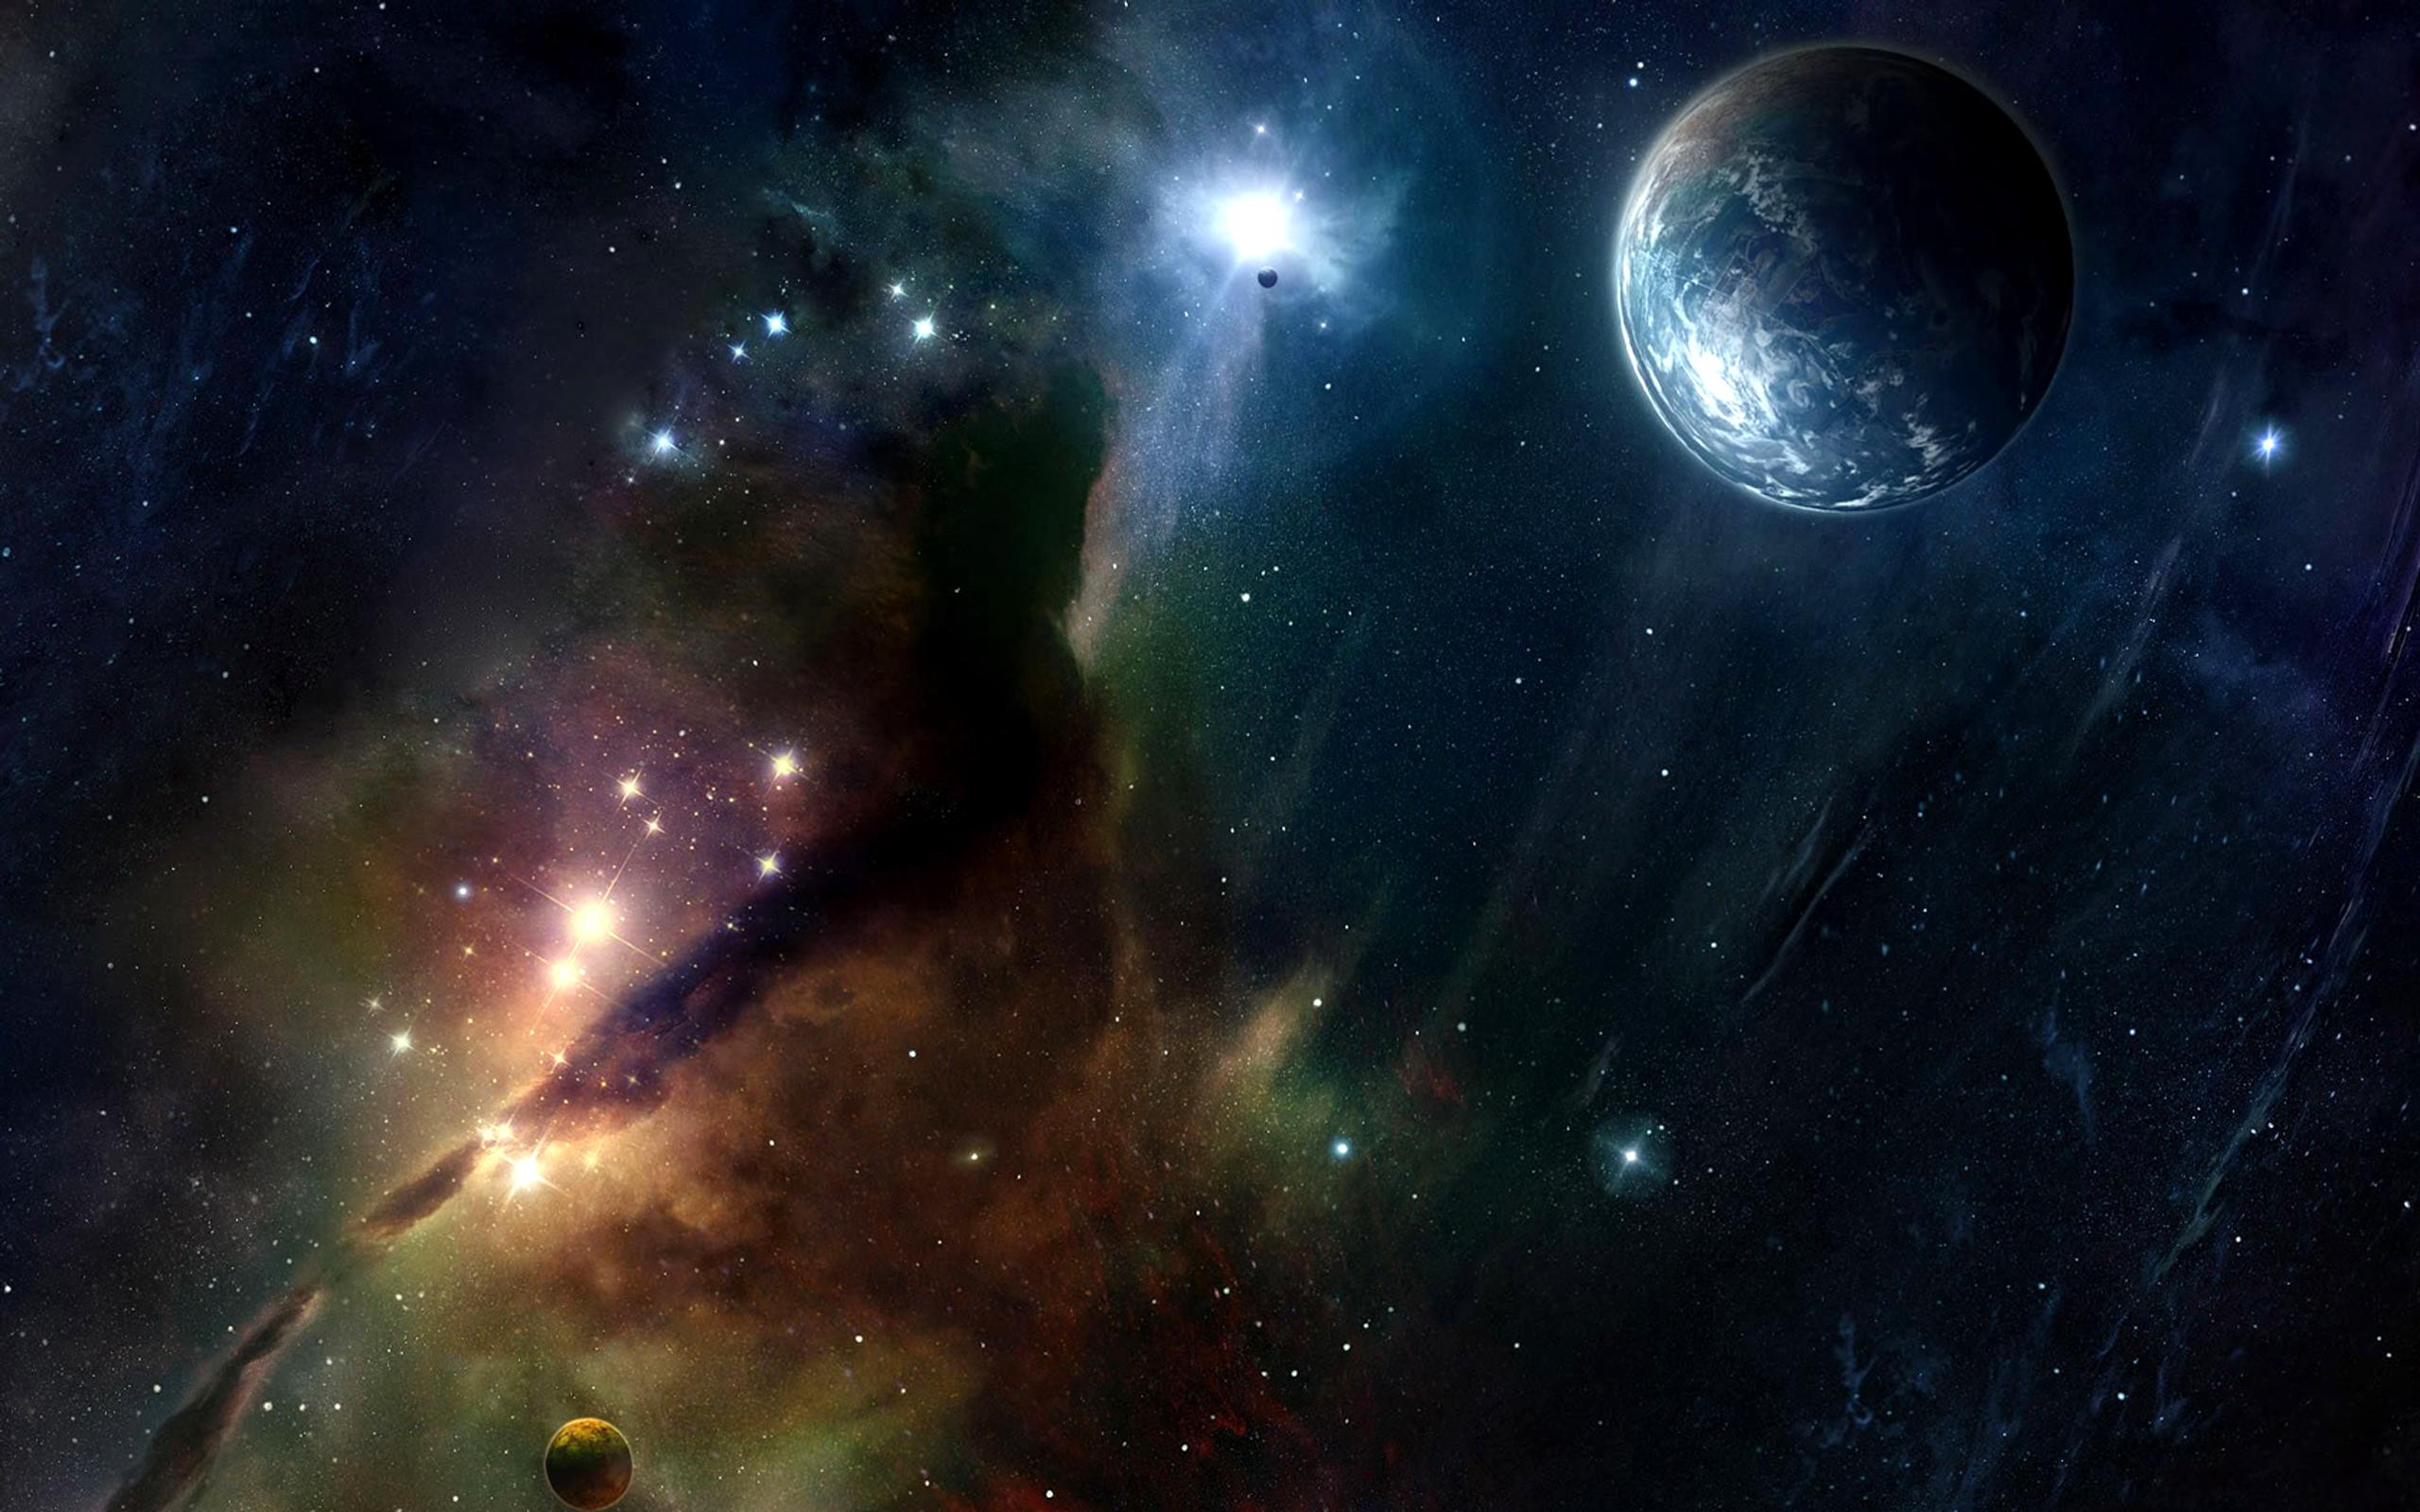 Science Fiction - Espace  Nébuleuse Gases Planet Stars Science Fiction Fond d'écran